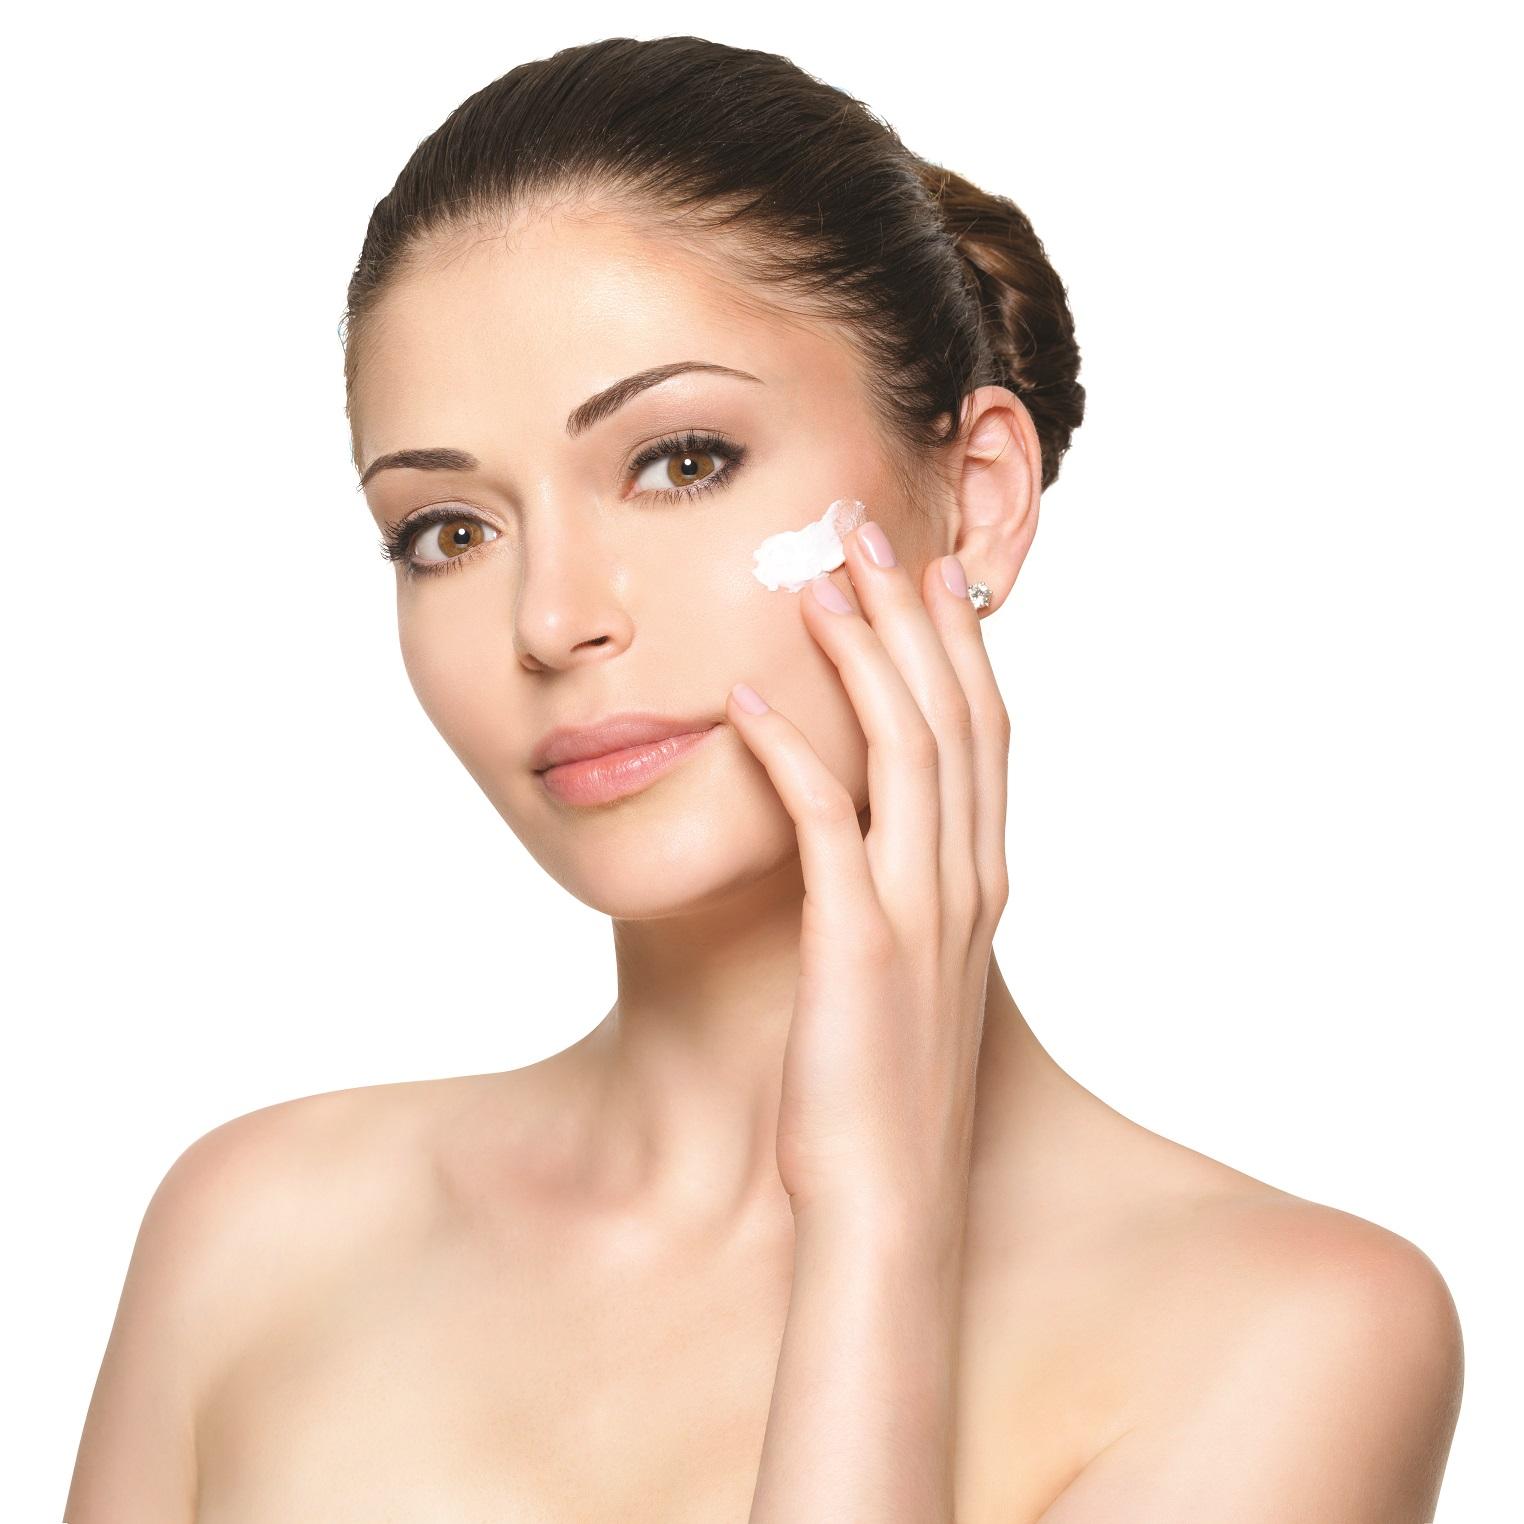 טיפים חשובים לקיץ לשמירה על עור הפנים והגוף